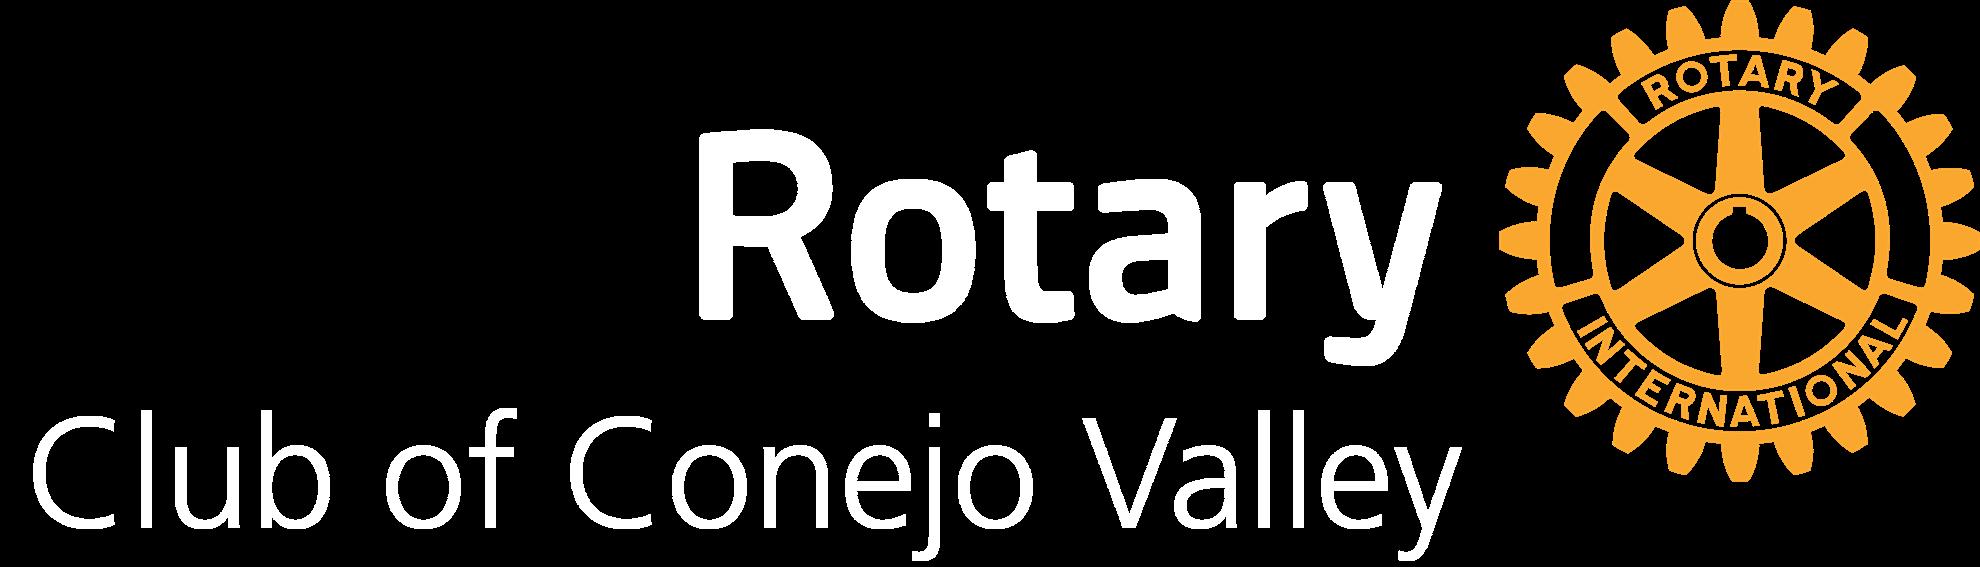 Conejo Valley logo